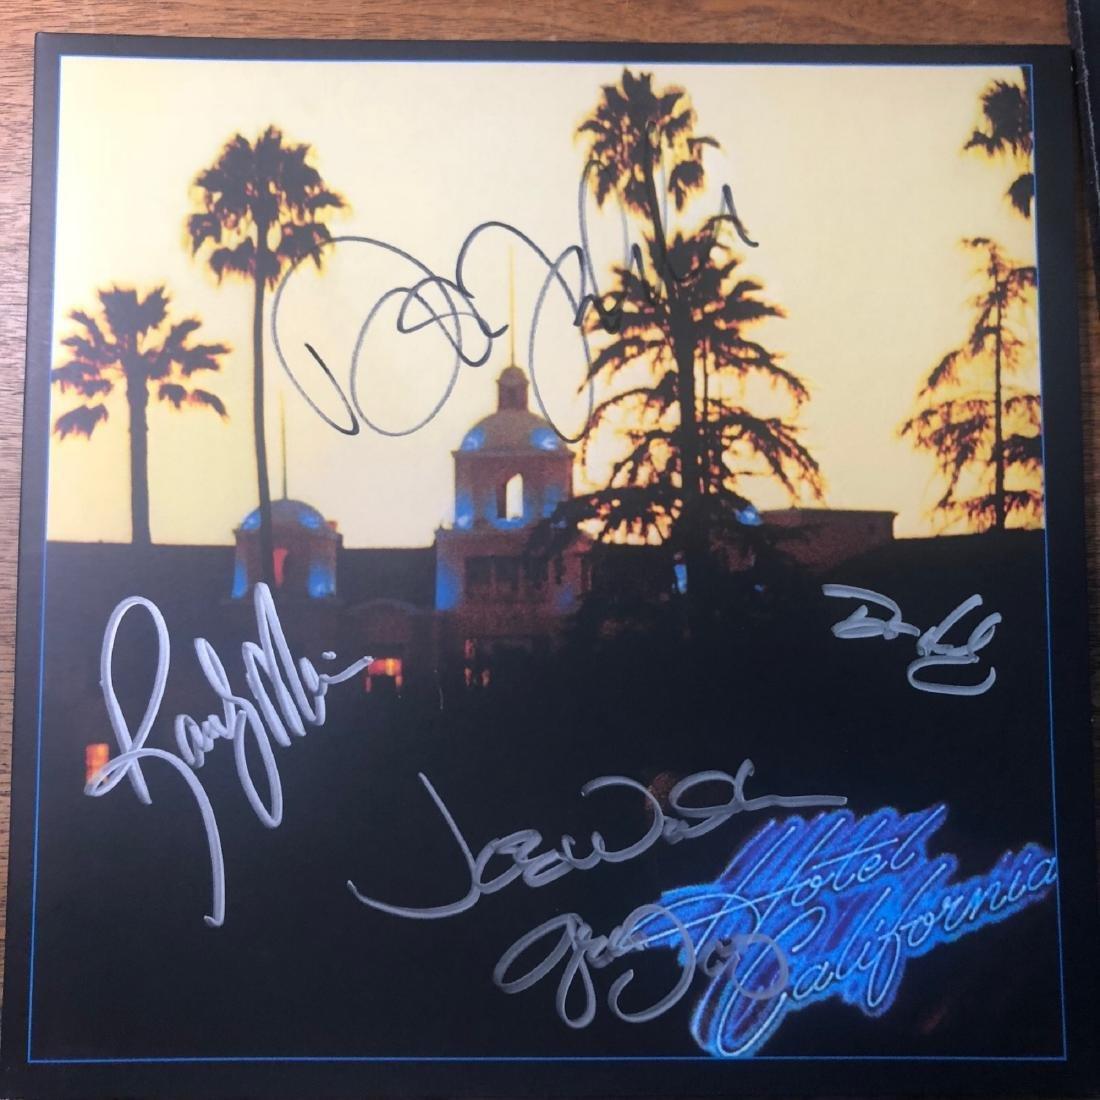 Signed Eagles Hotel California Album